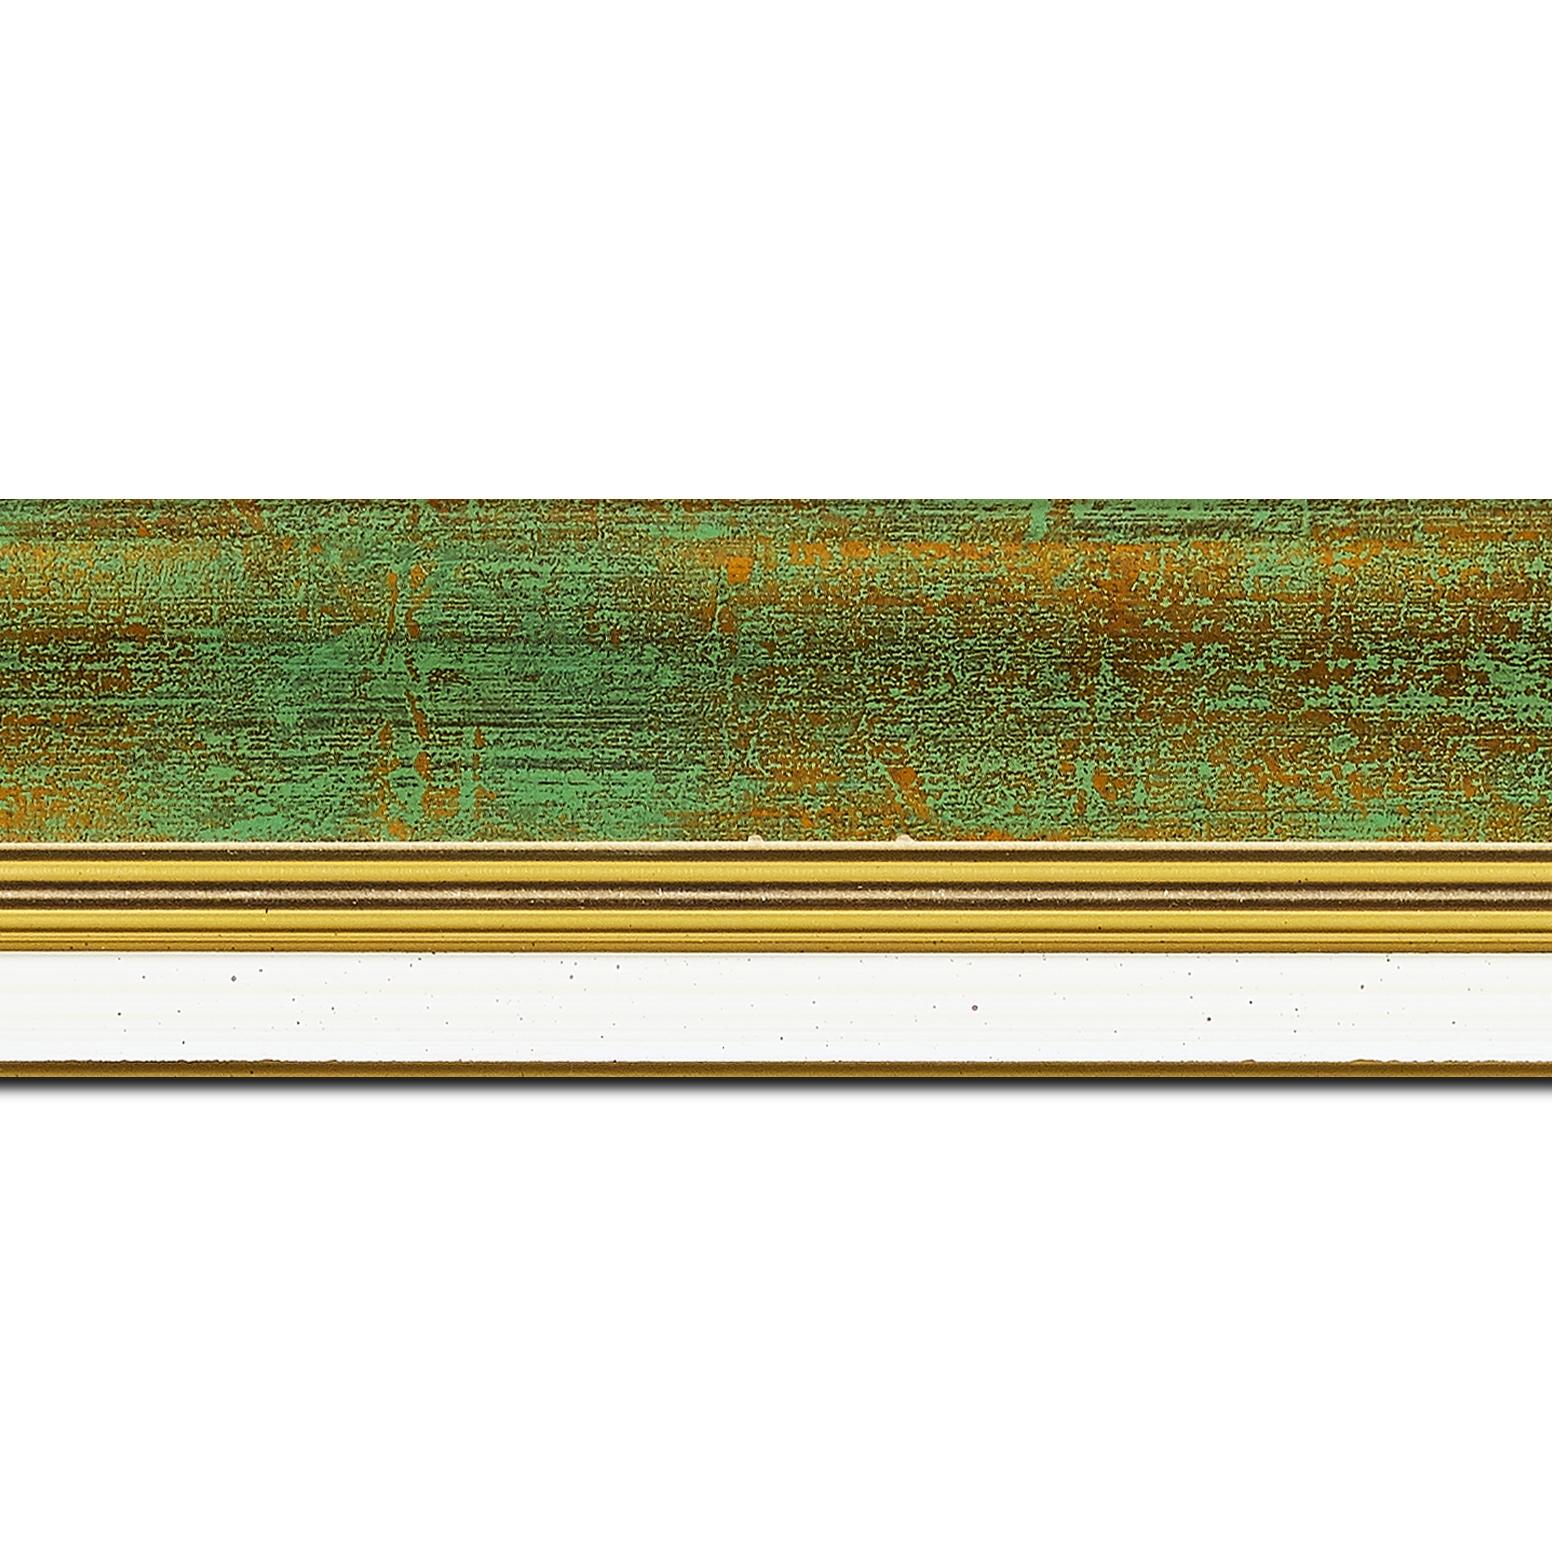 Baguette longueur 1.40m bois profil incurvé largeur 5.7cm de couleur vert fond or marie louise blanche mouchetée filet or intégré